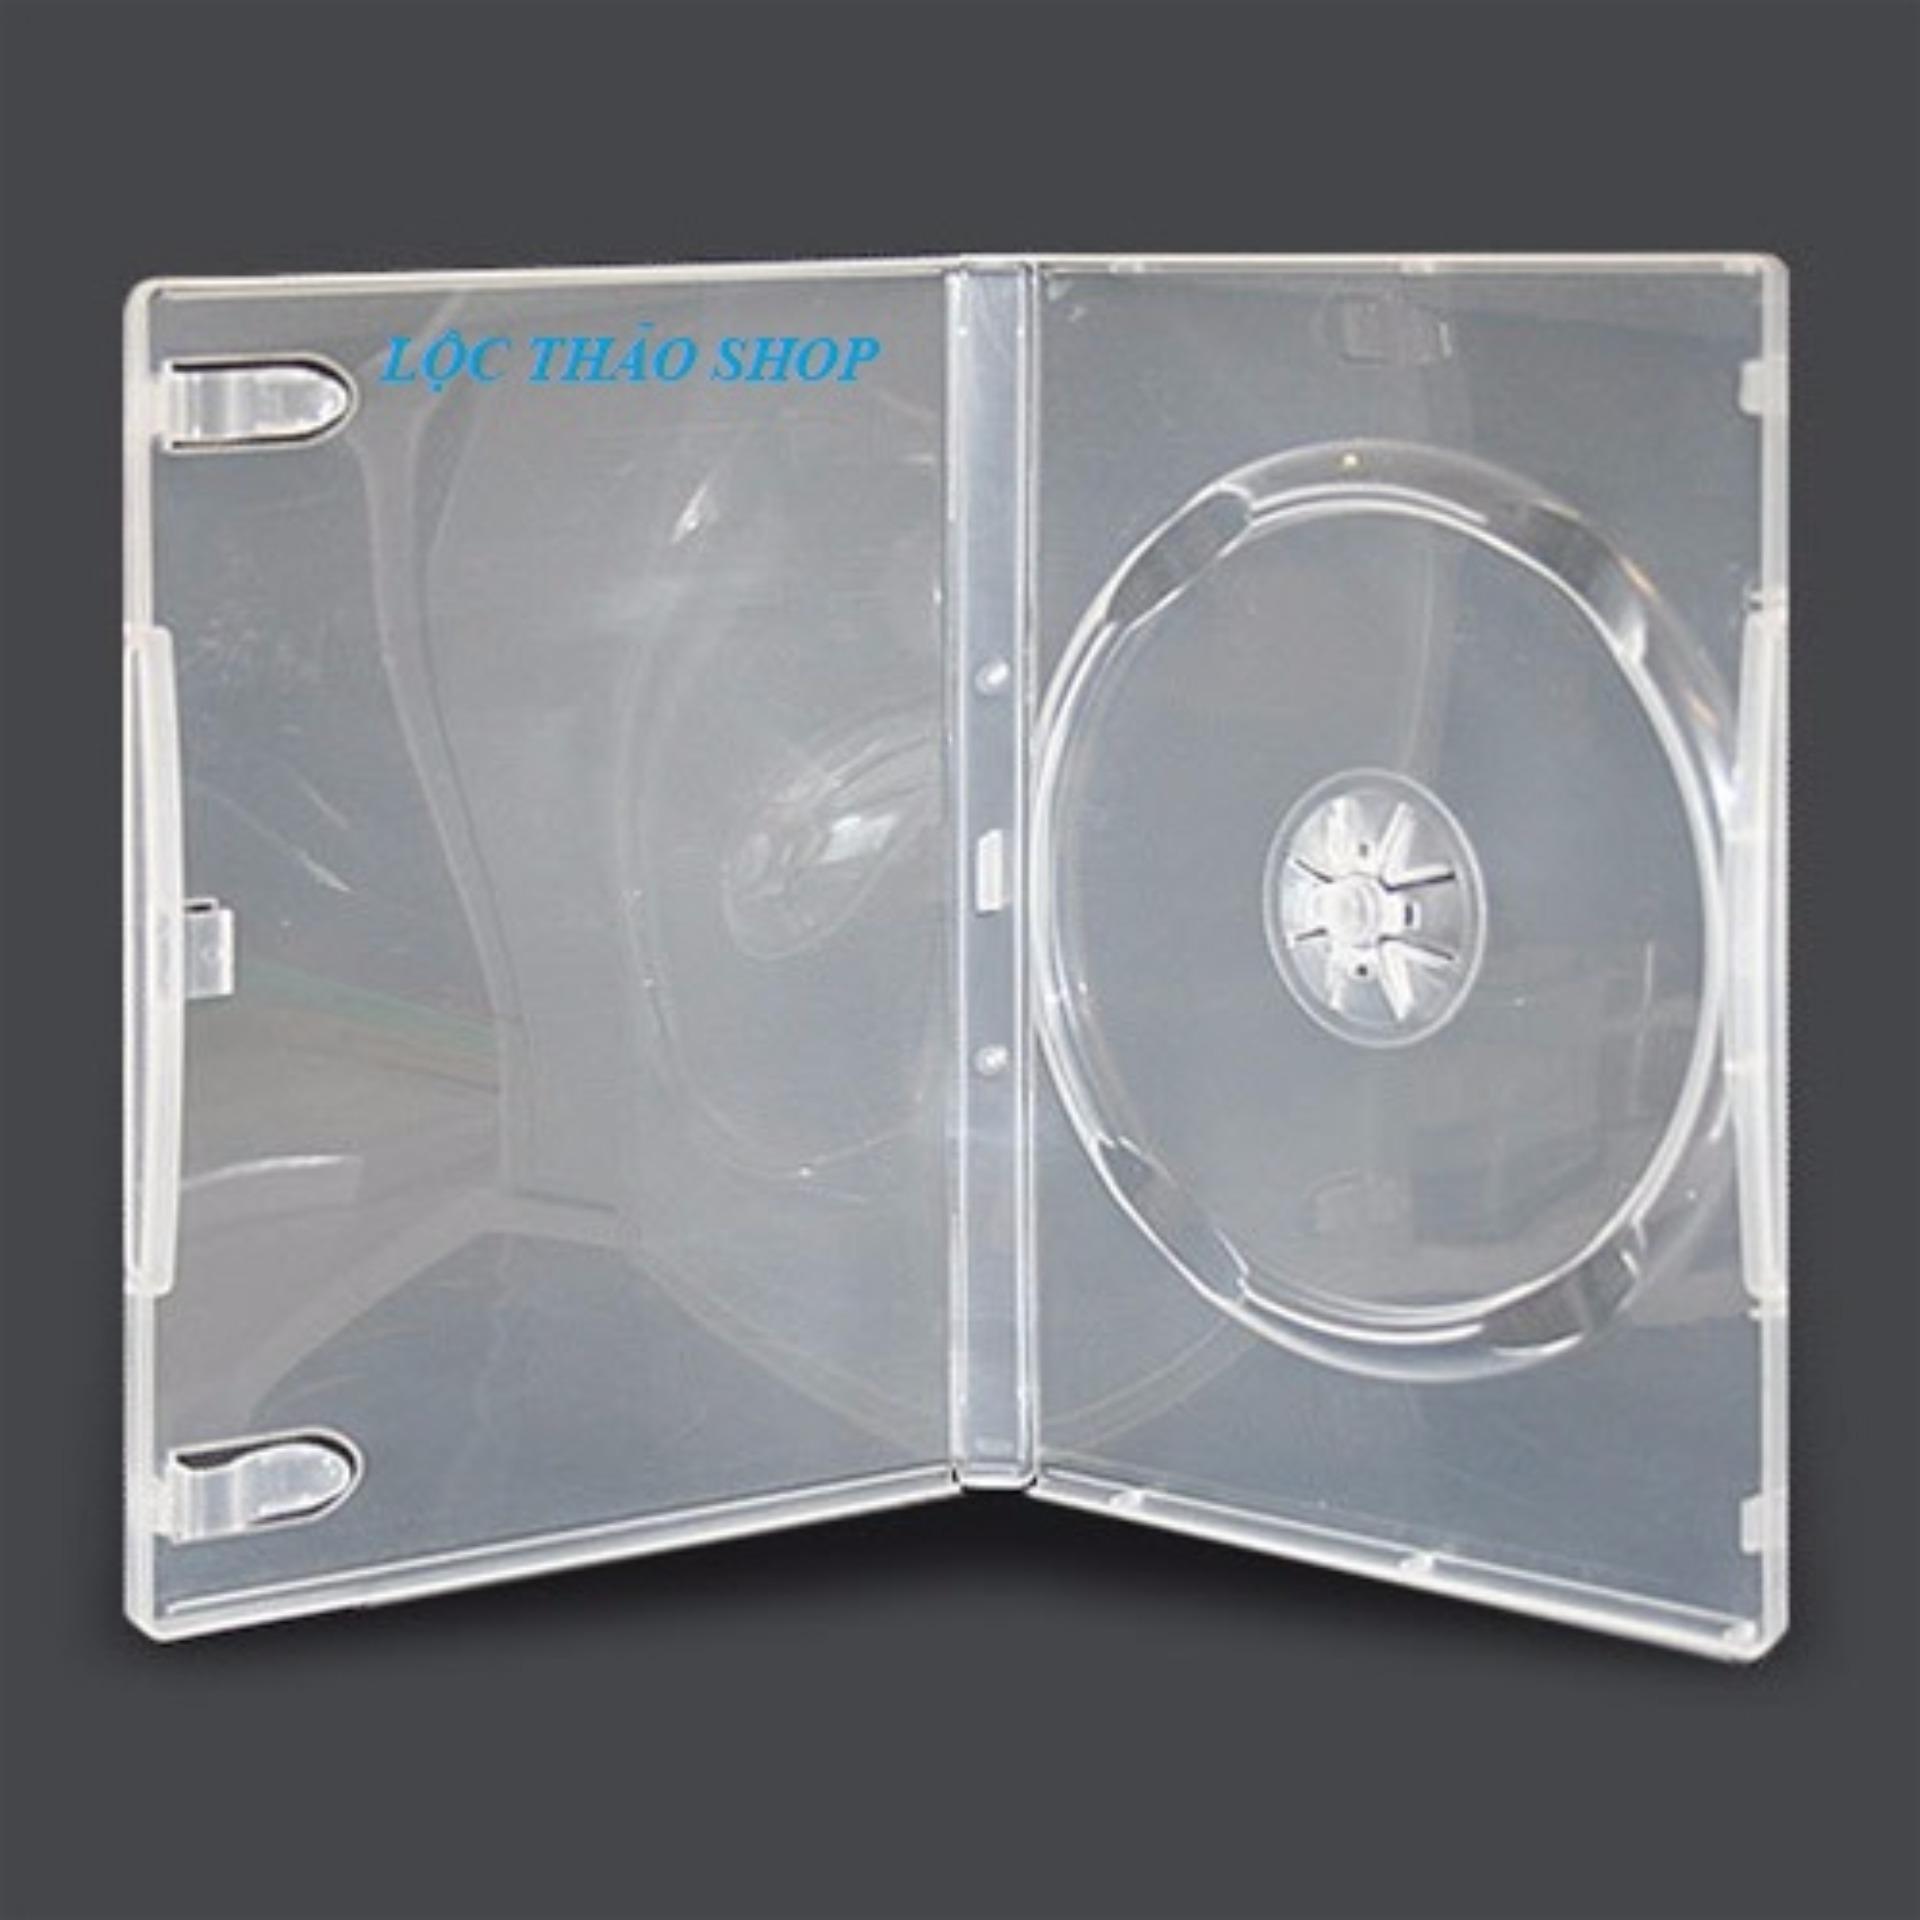 Giá Sốc Bộ 10 Hộp đựng đĩa CD DVD Hình chữ nhật LOẠI DÀY MÀU TRẮNG(HỘP ĐỰNG 1 ĐĨA)